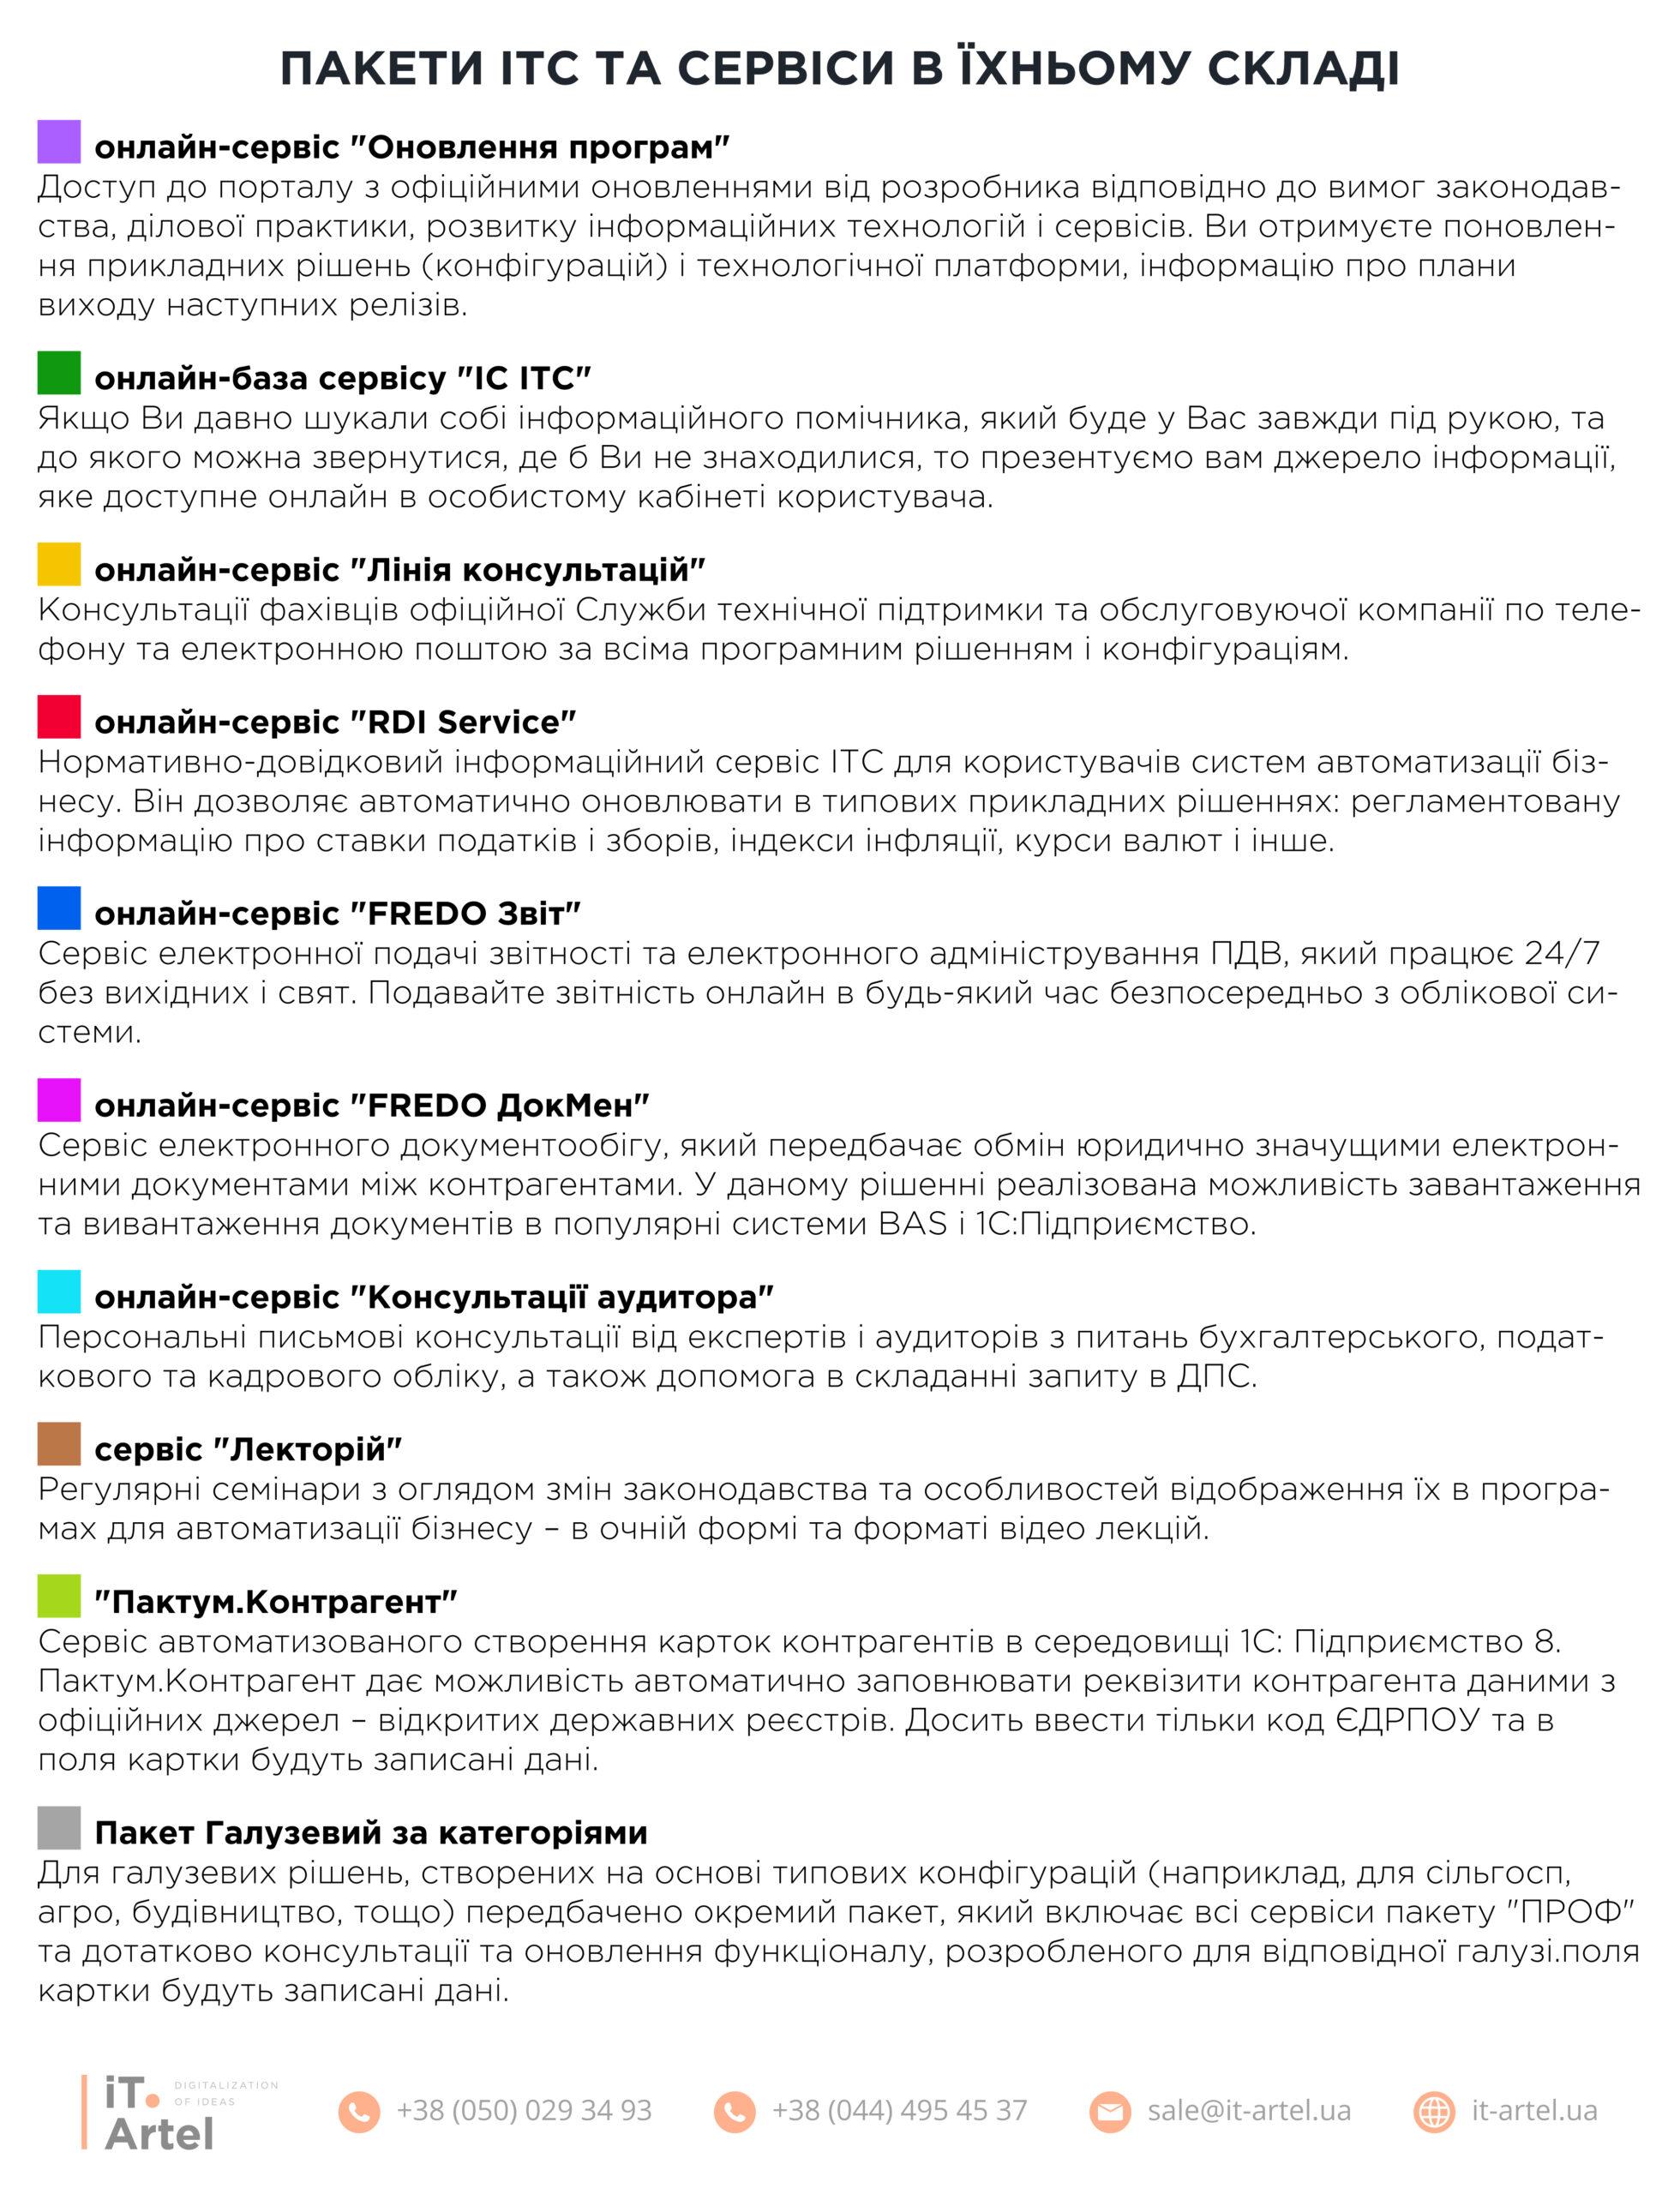 Сервіси ІТС_iT.Artel